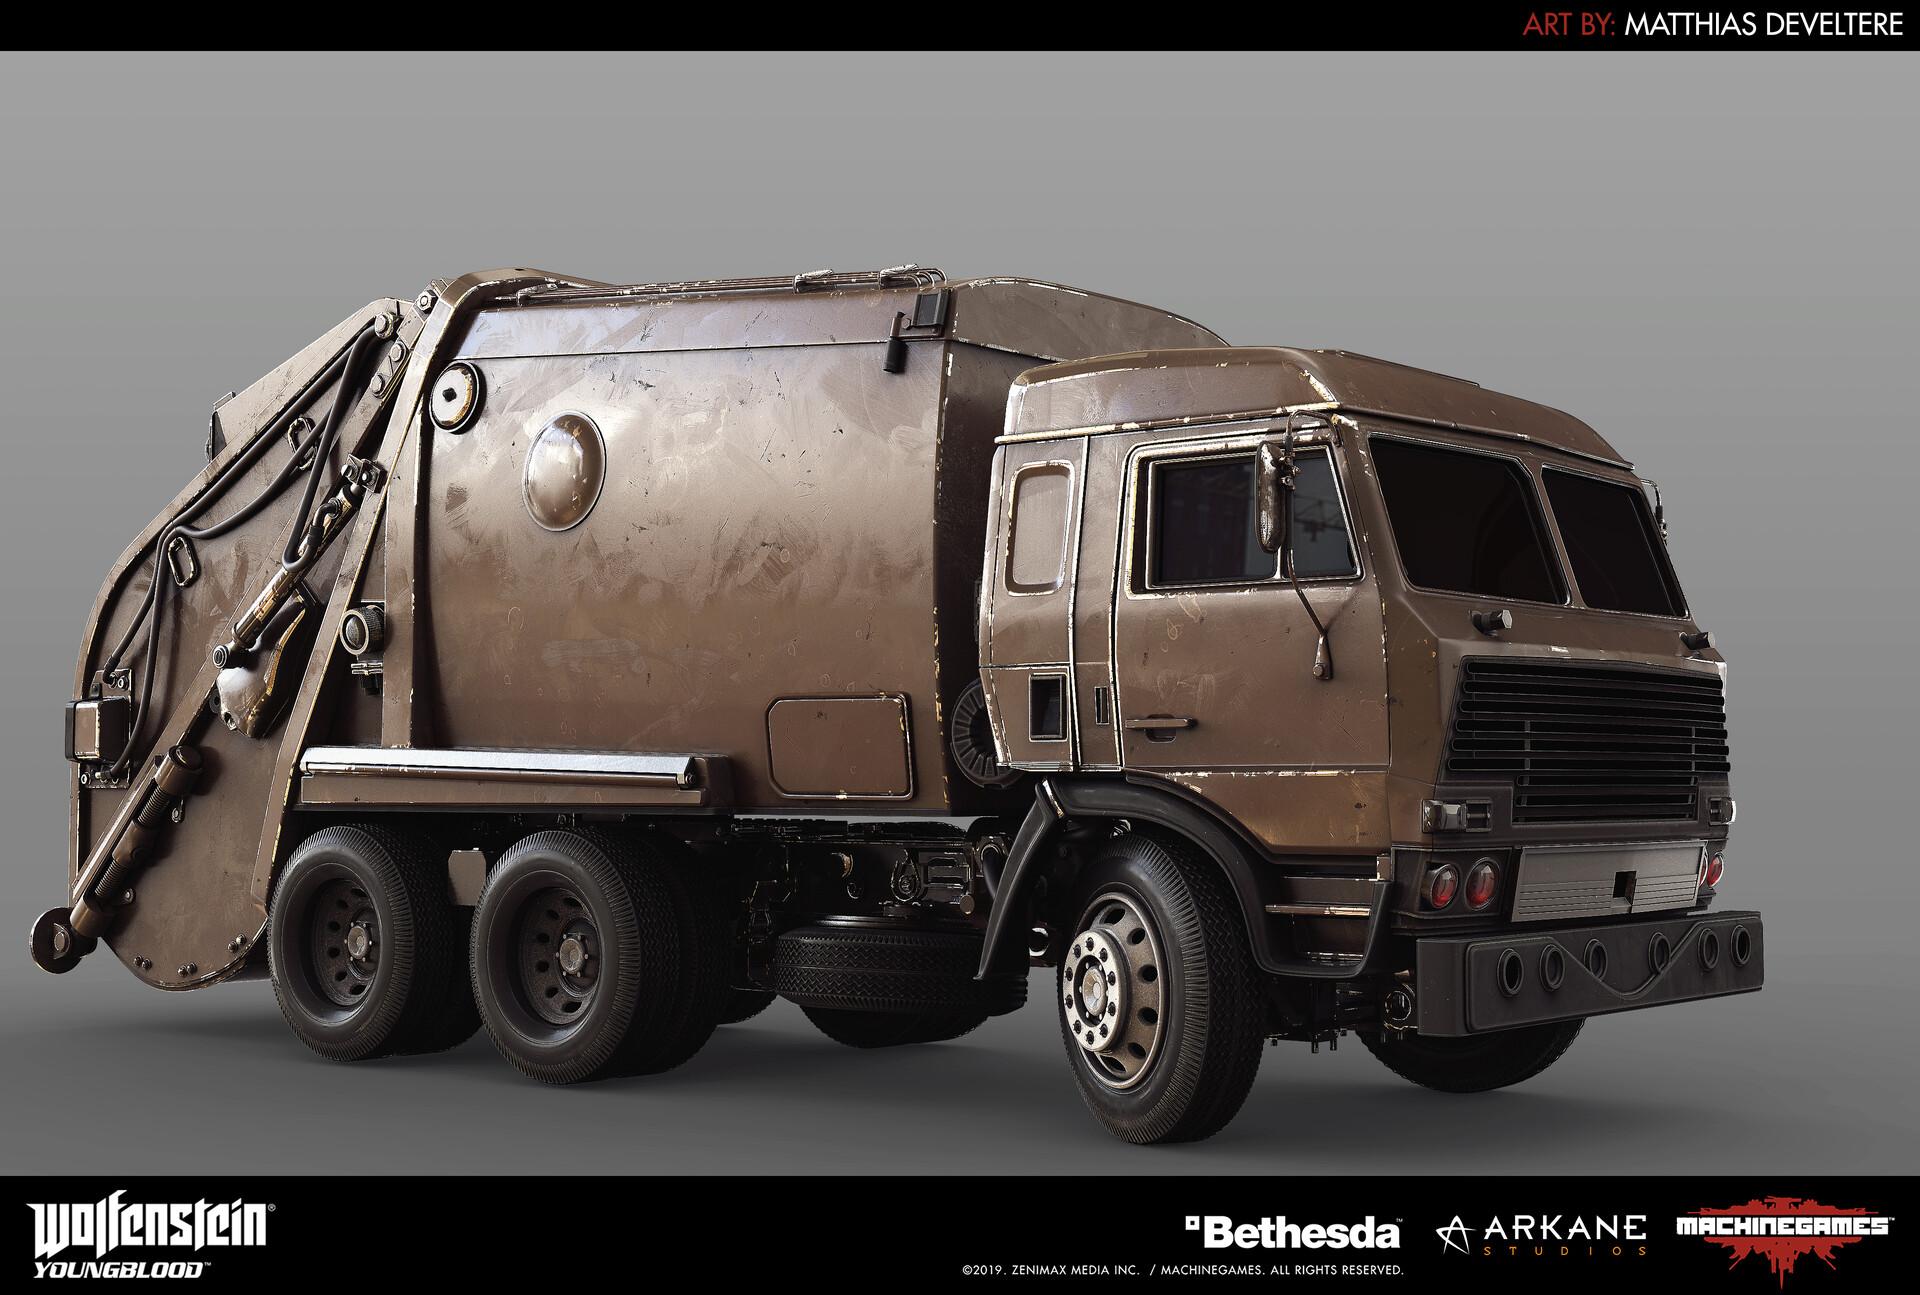 Matthias develtere truck 3